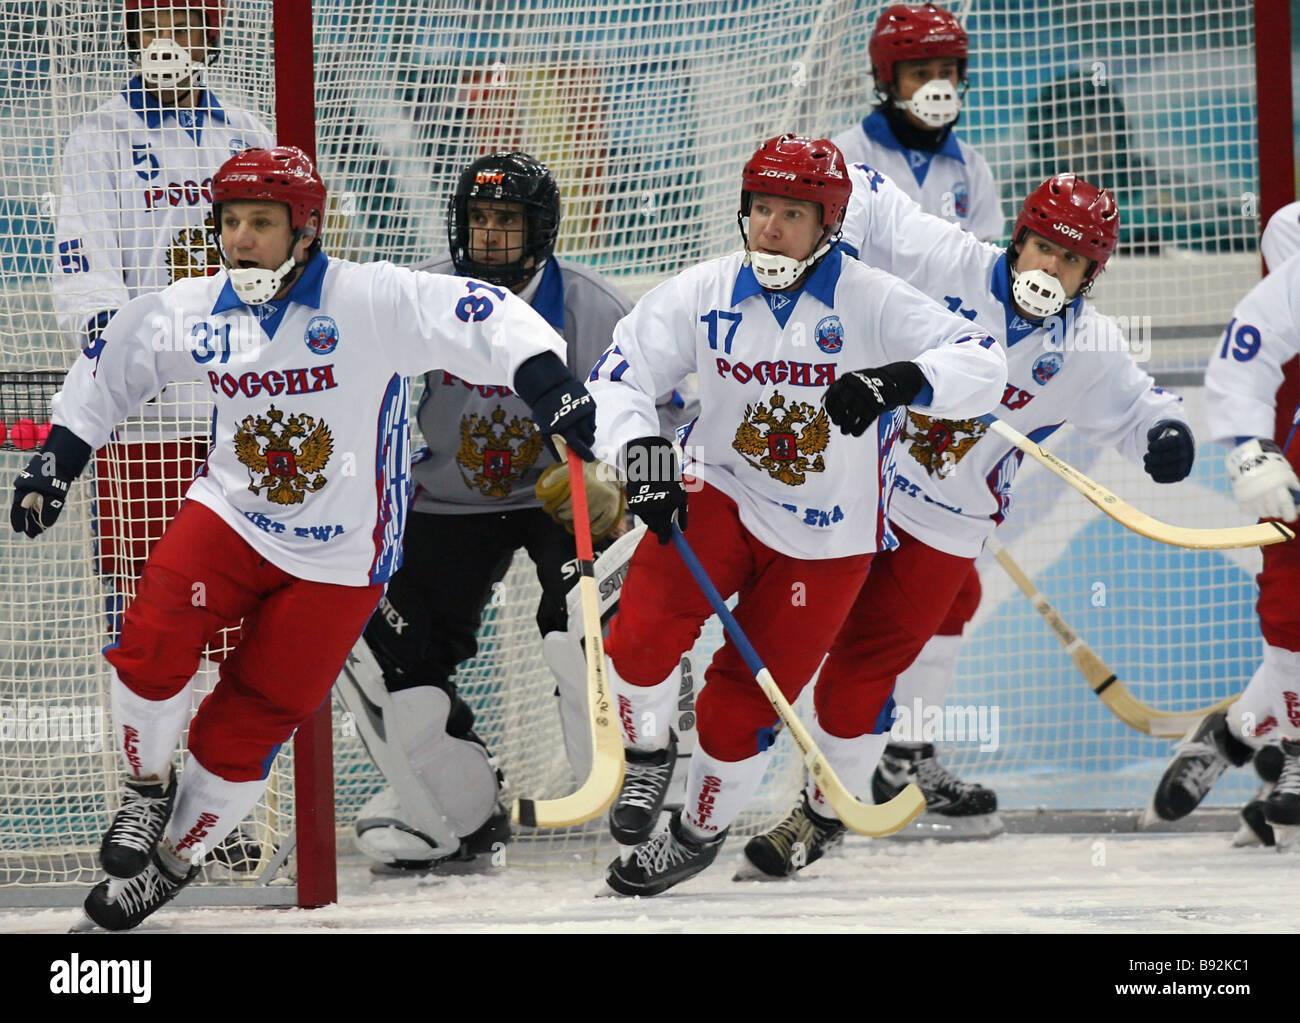 Federación de pelota jugadores de hockey defendiendo su meta Imagen De Stock